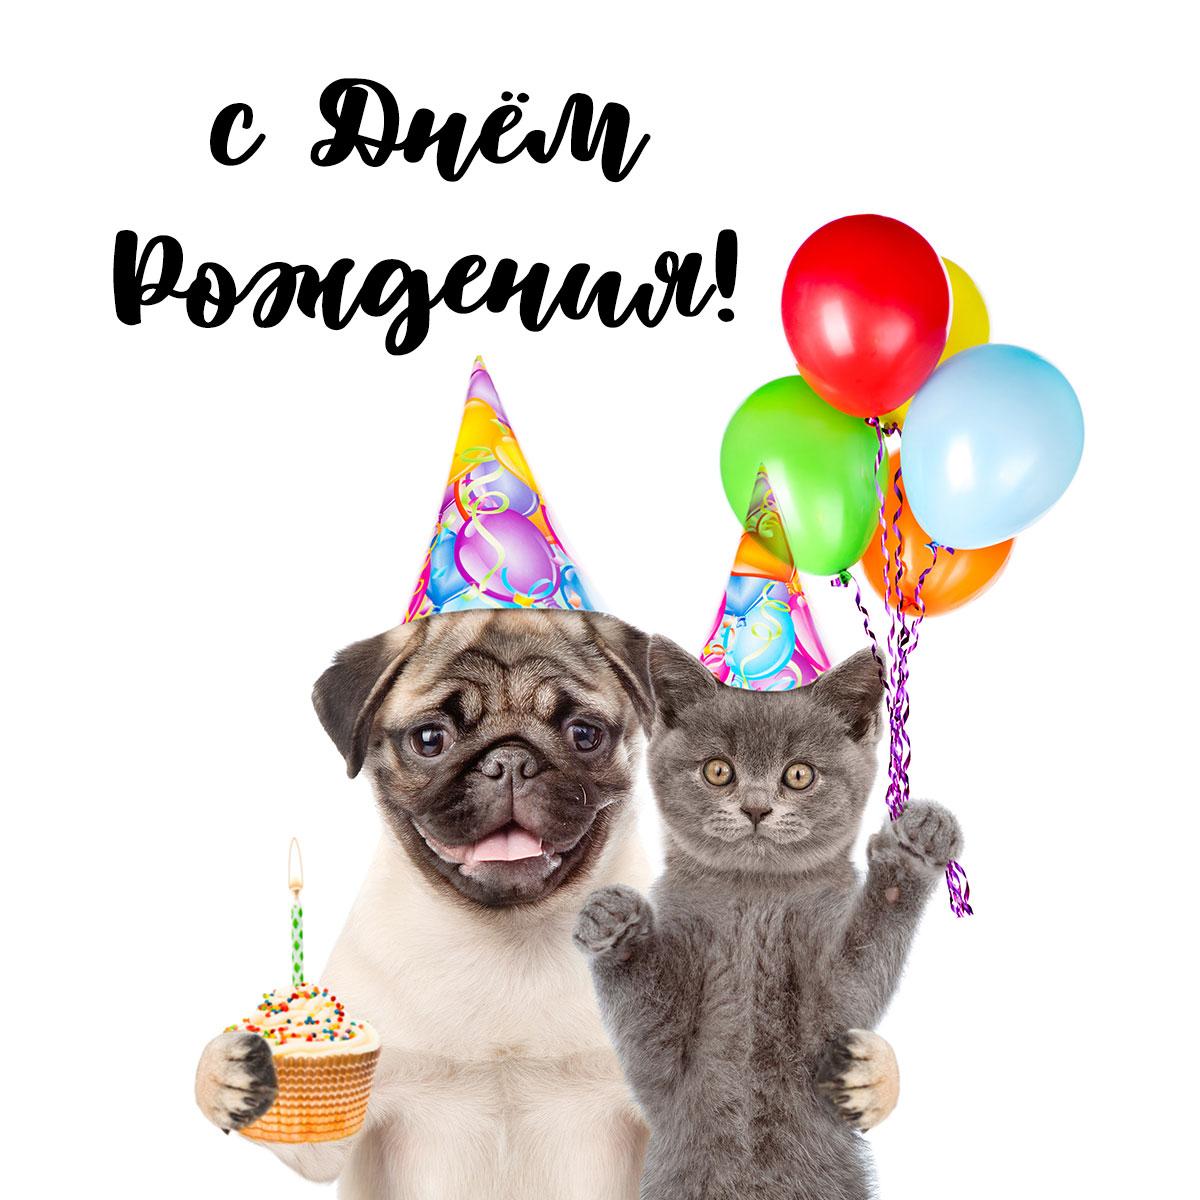 Фотография смешная открытка с днем рождения: вечеринка кота и мопса в праздничных шляпах с воздушными шарами и кексом.